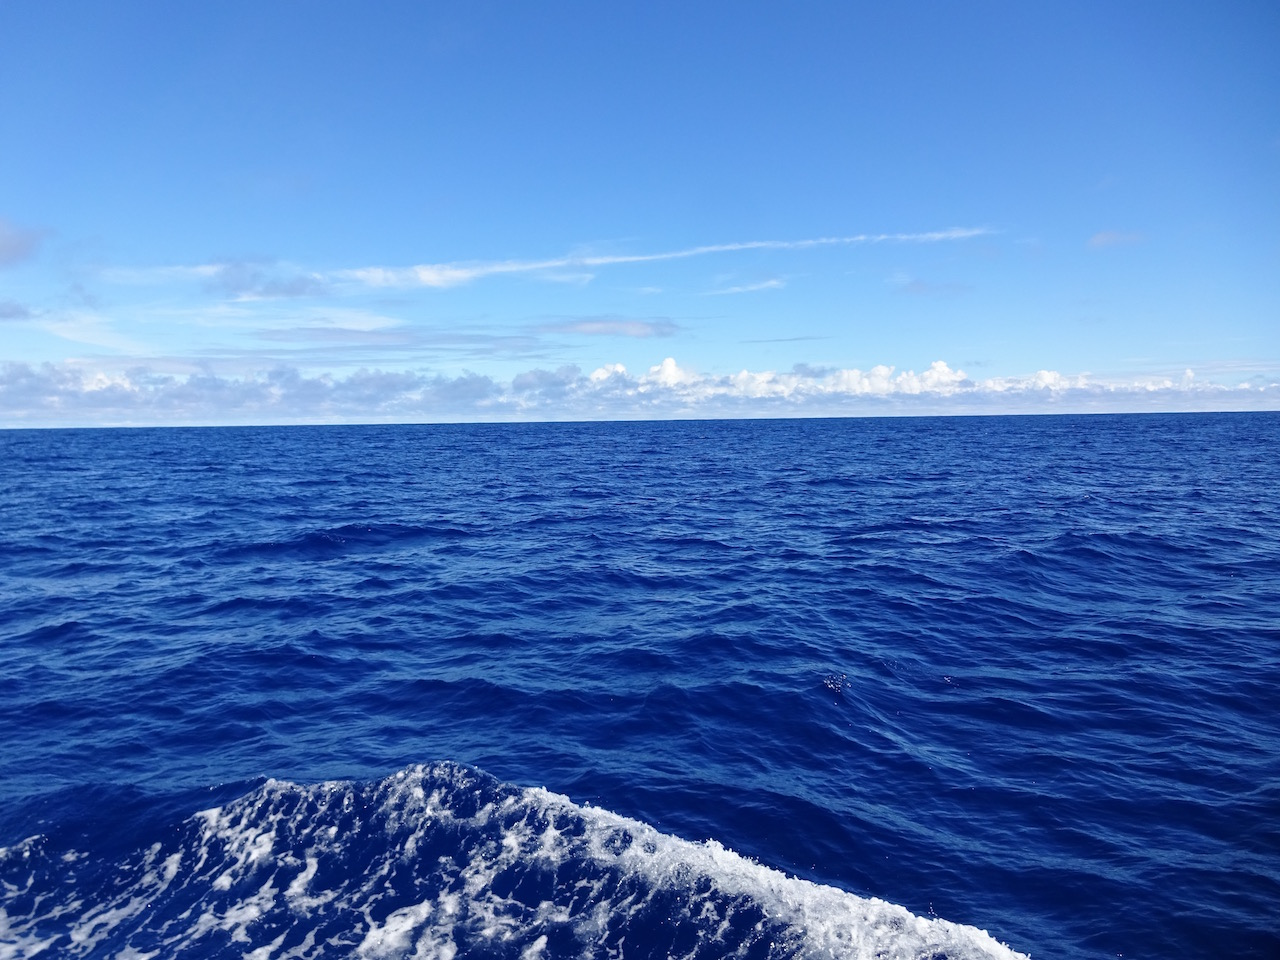 dunkelblau und mehr als 4000 Meter tief - was für ein toller Anblick!